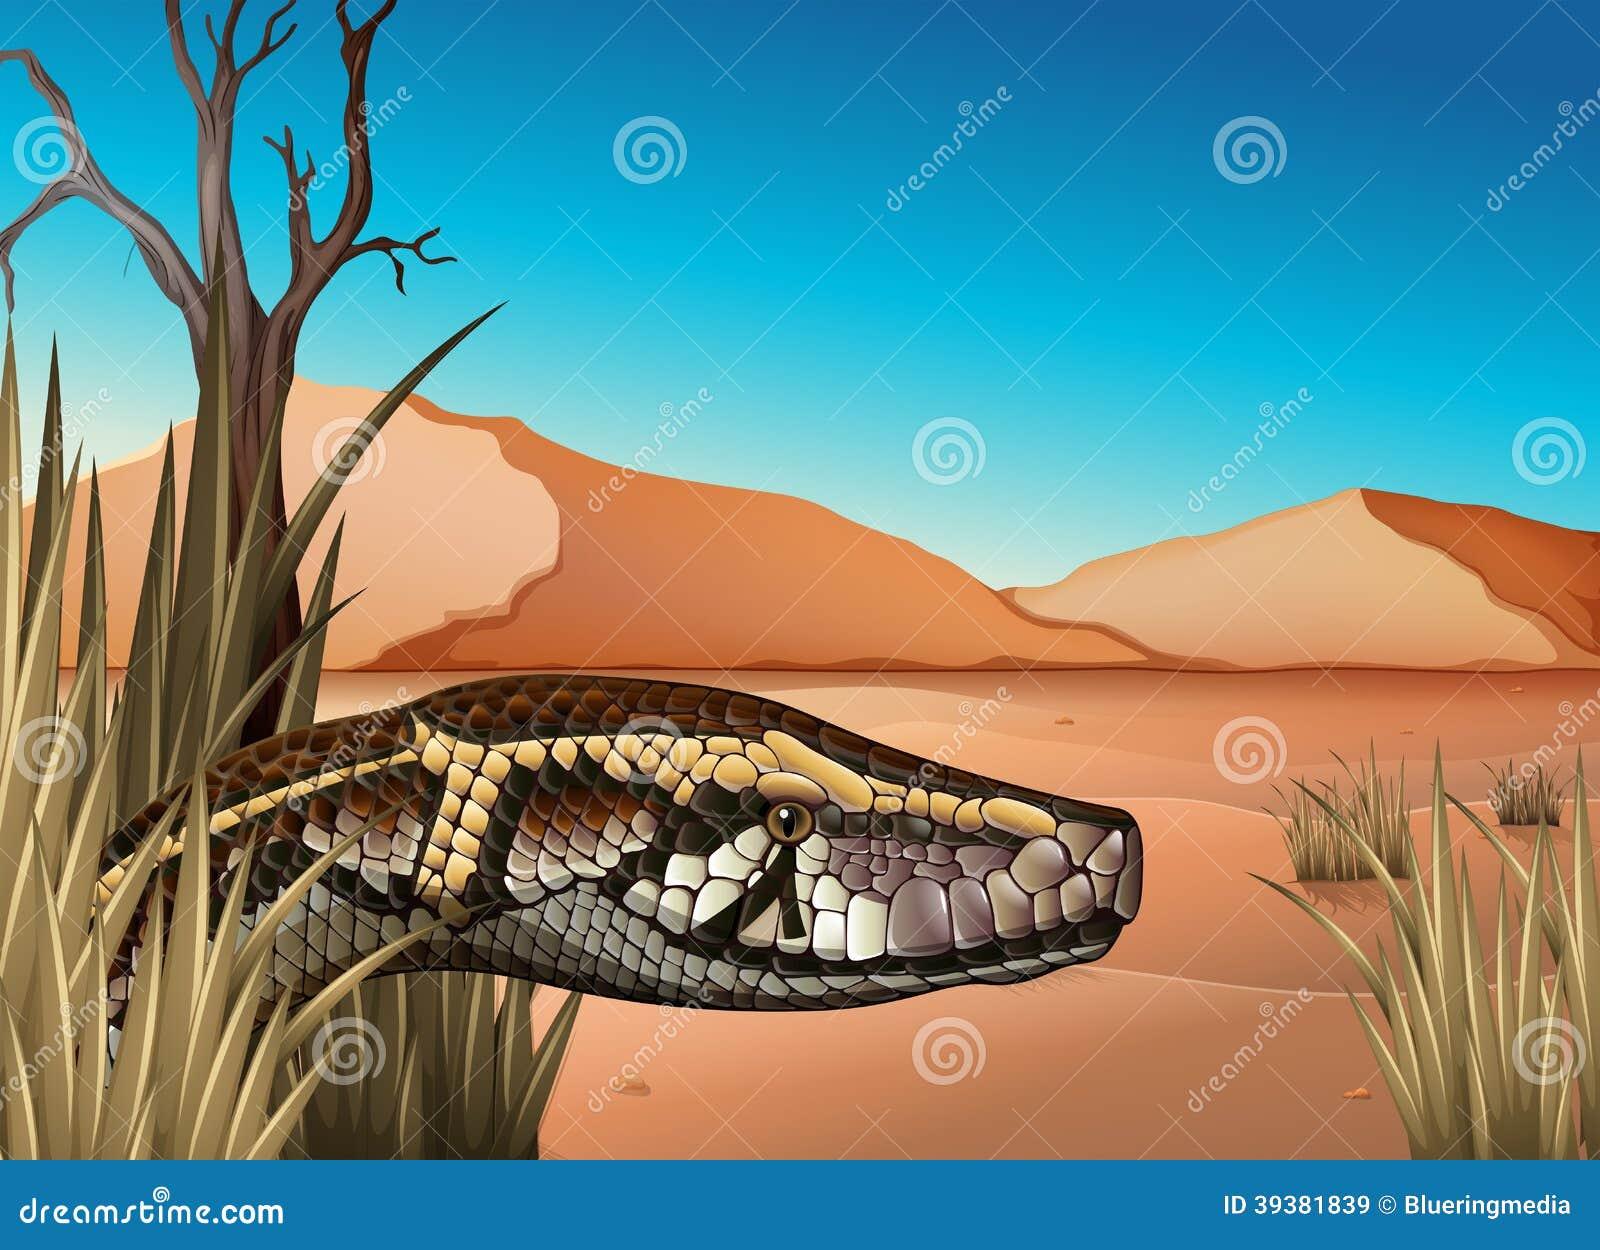 有爬行动物的一片沙漠